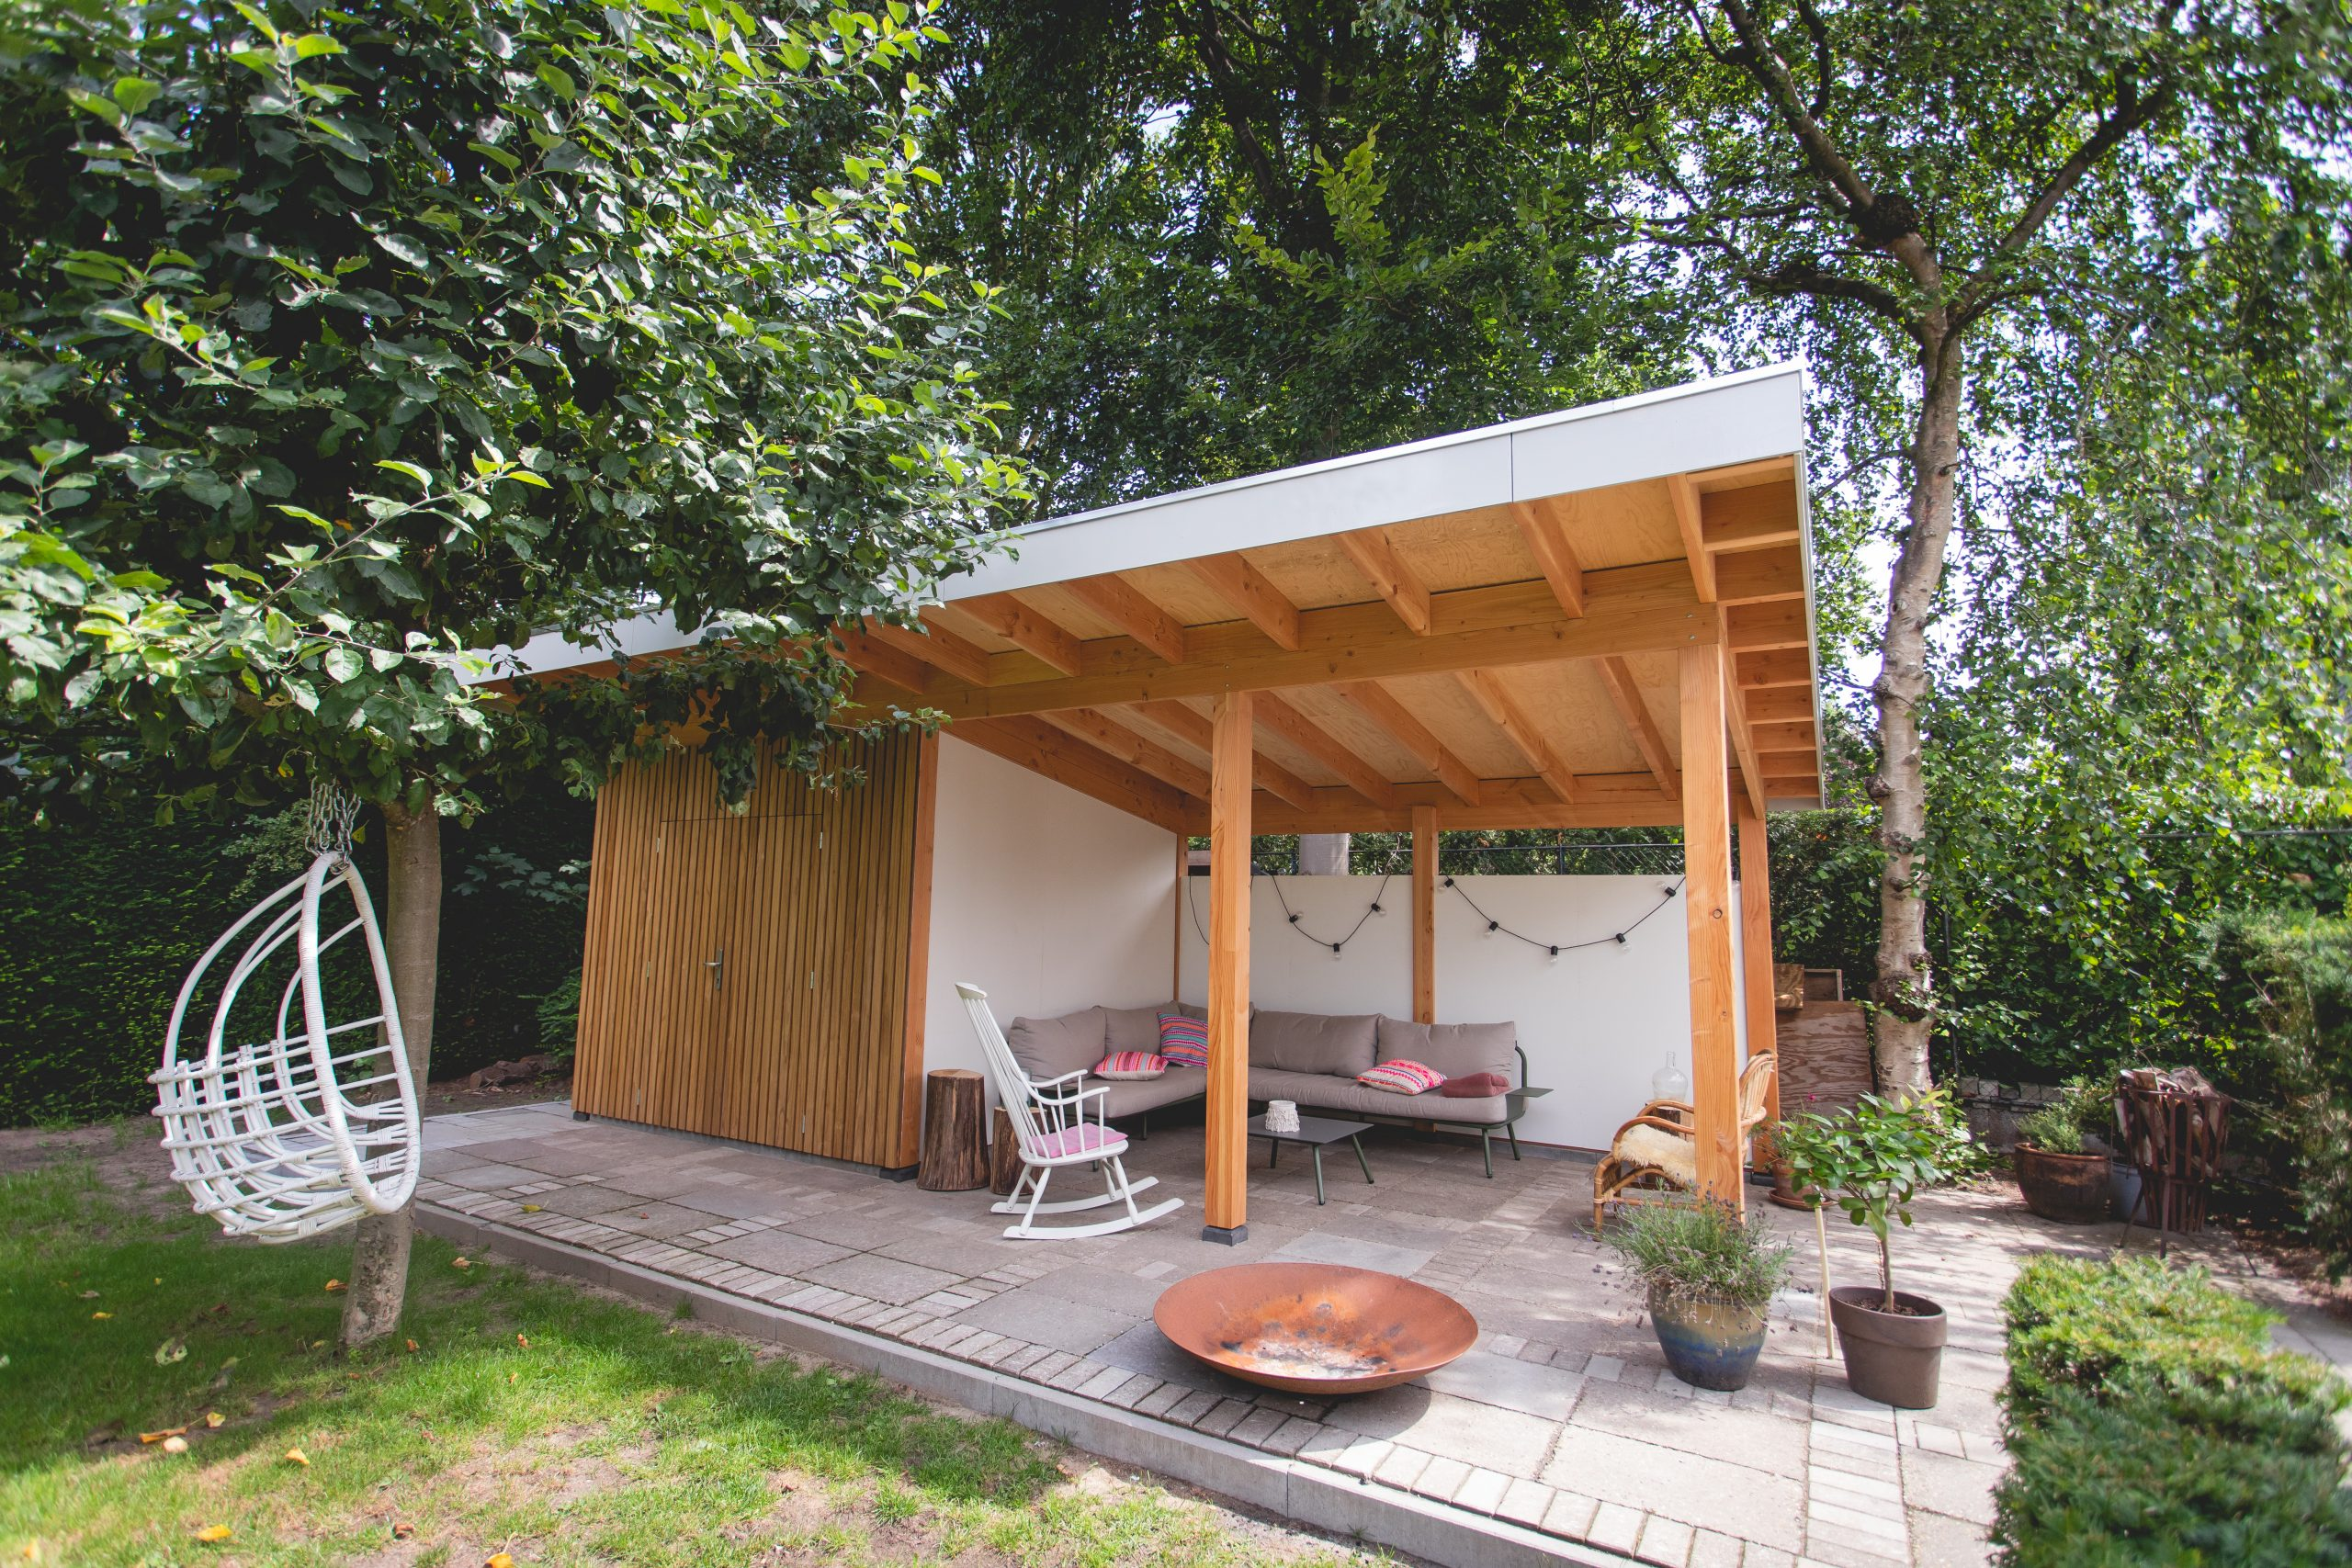 Thuinhout-overkappingen-tuinhuizen-oss-brabowood-projecten-1